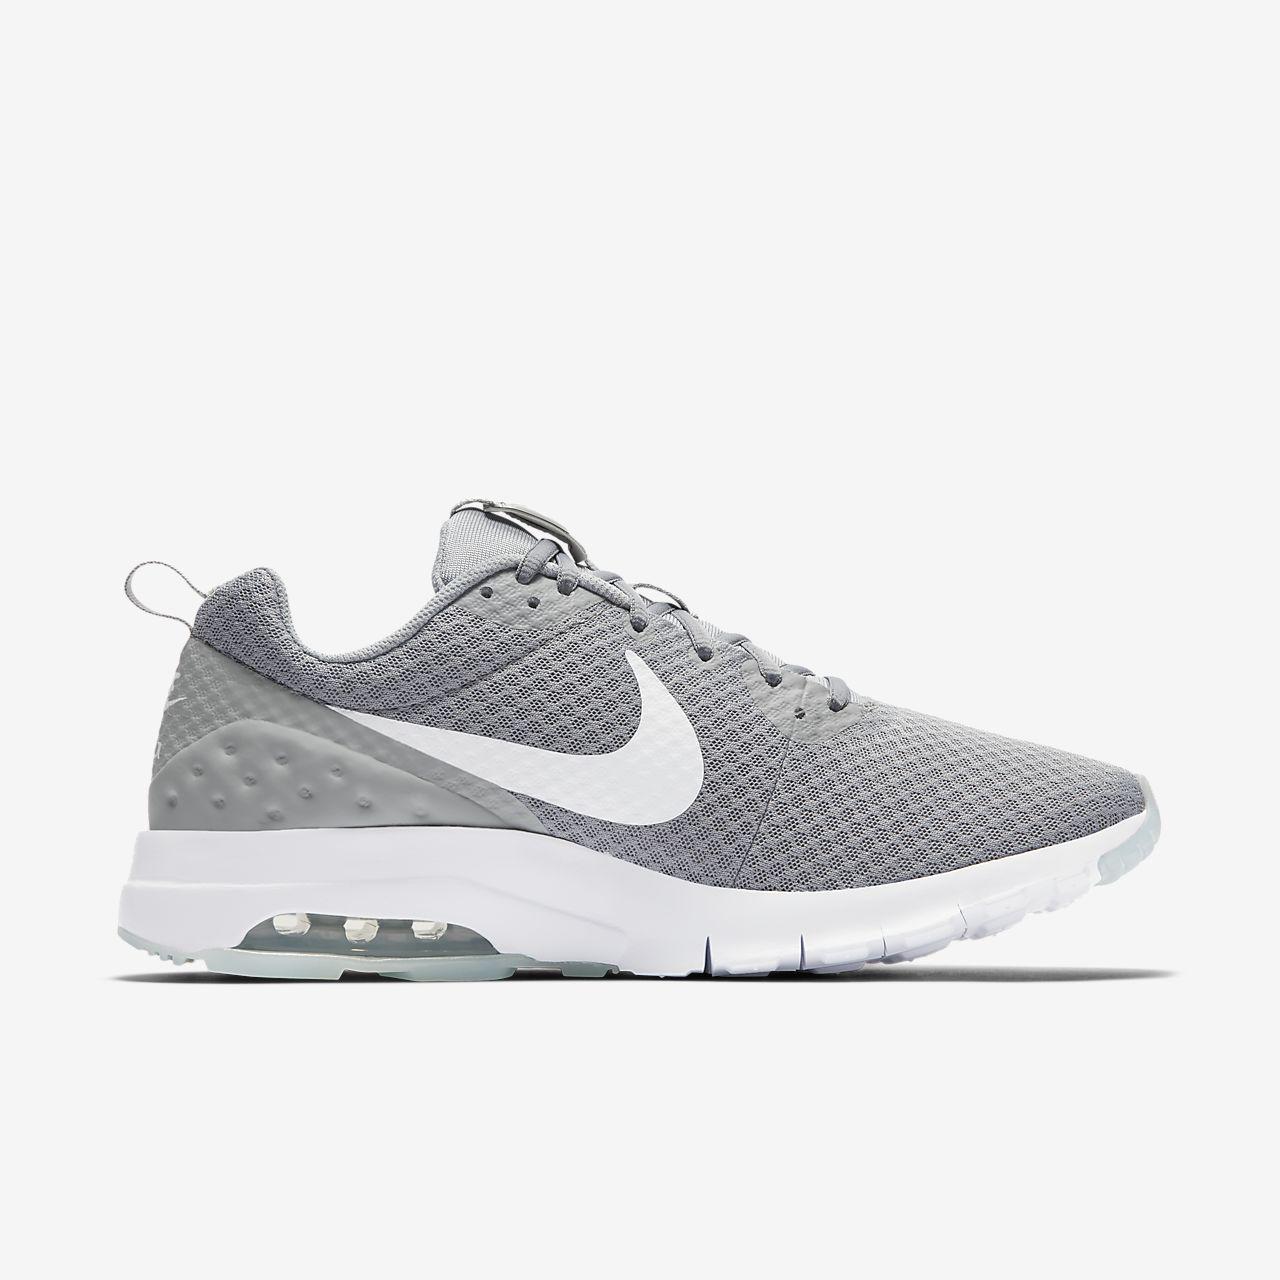 101c4077c4d8c Nike Air Max Motion Low Men's Shoe